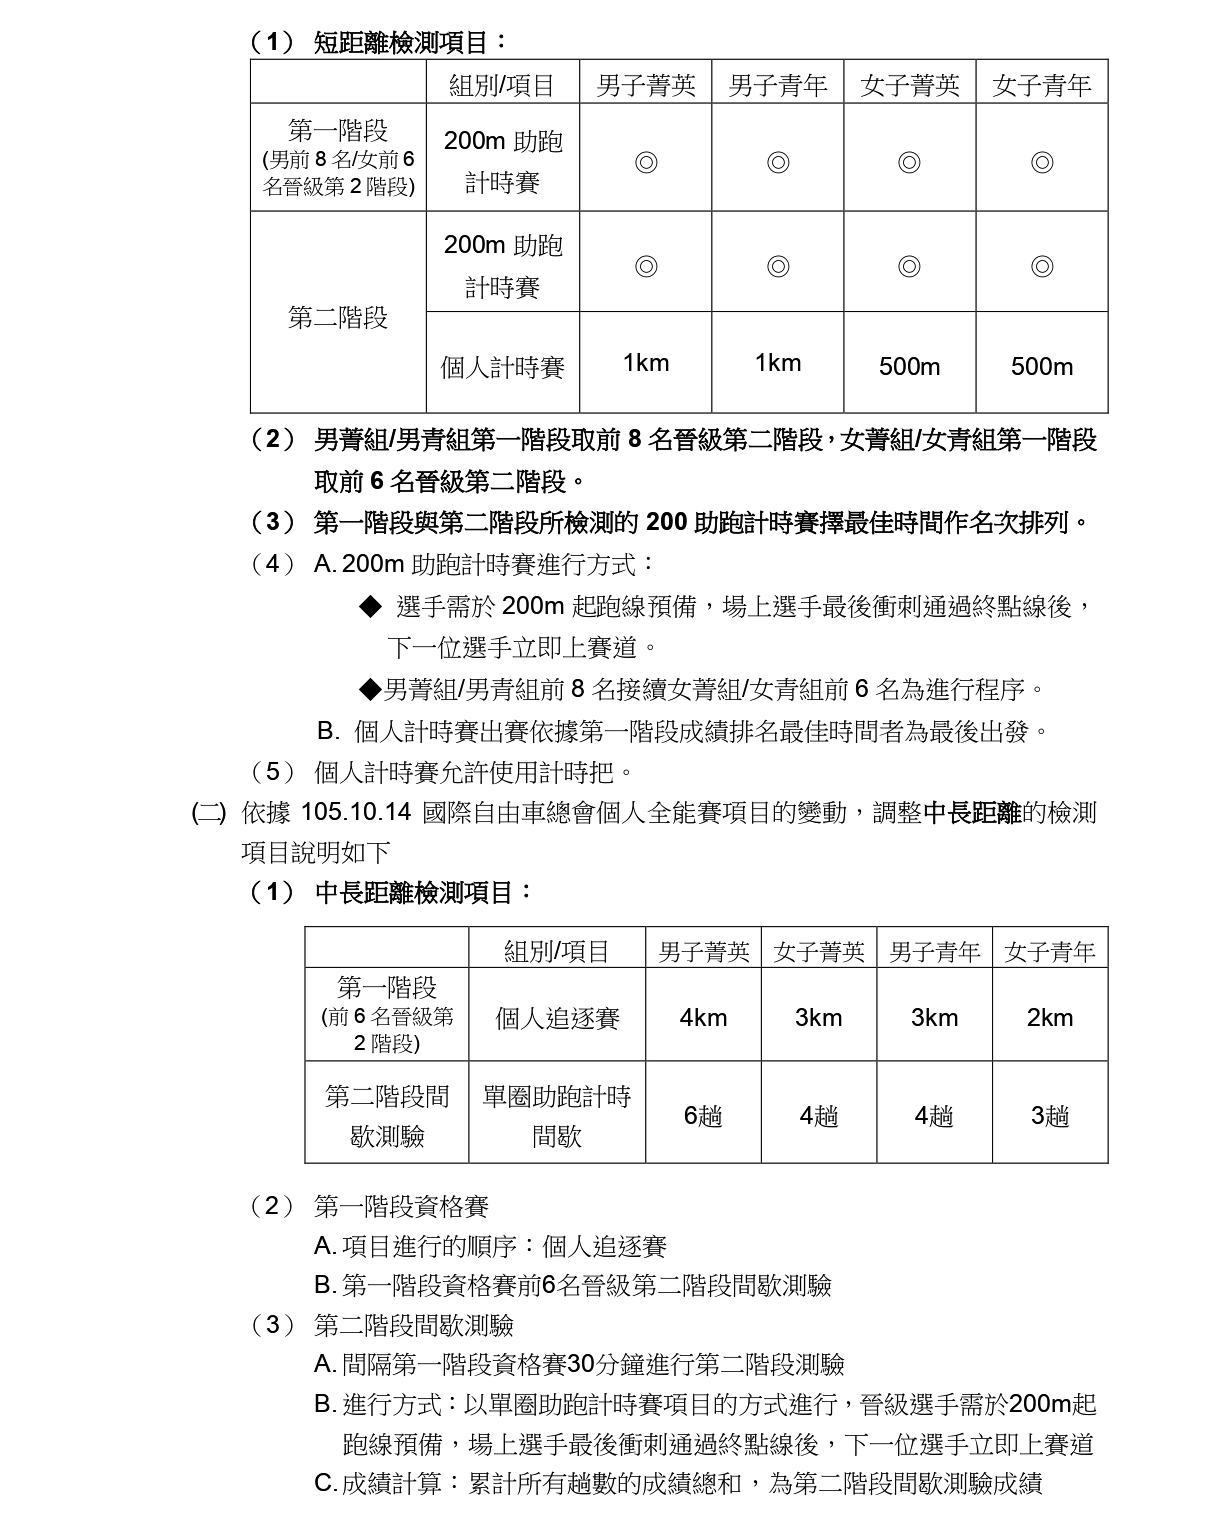 110年全國自由車場地菁英排名賽一競賽規程_page-0002-1